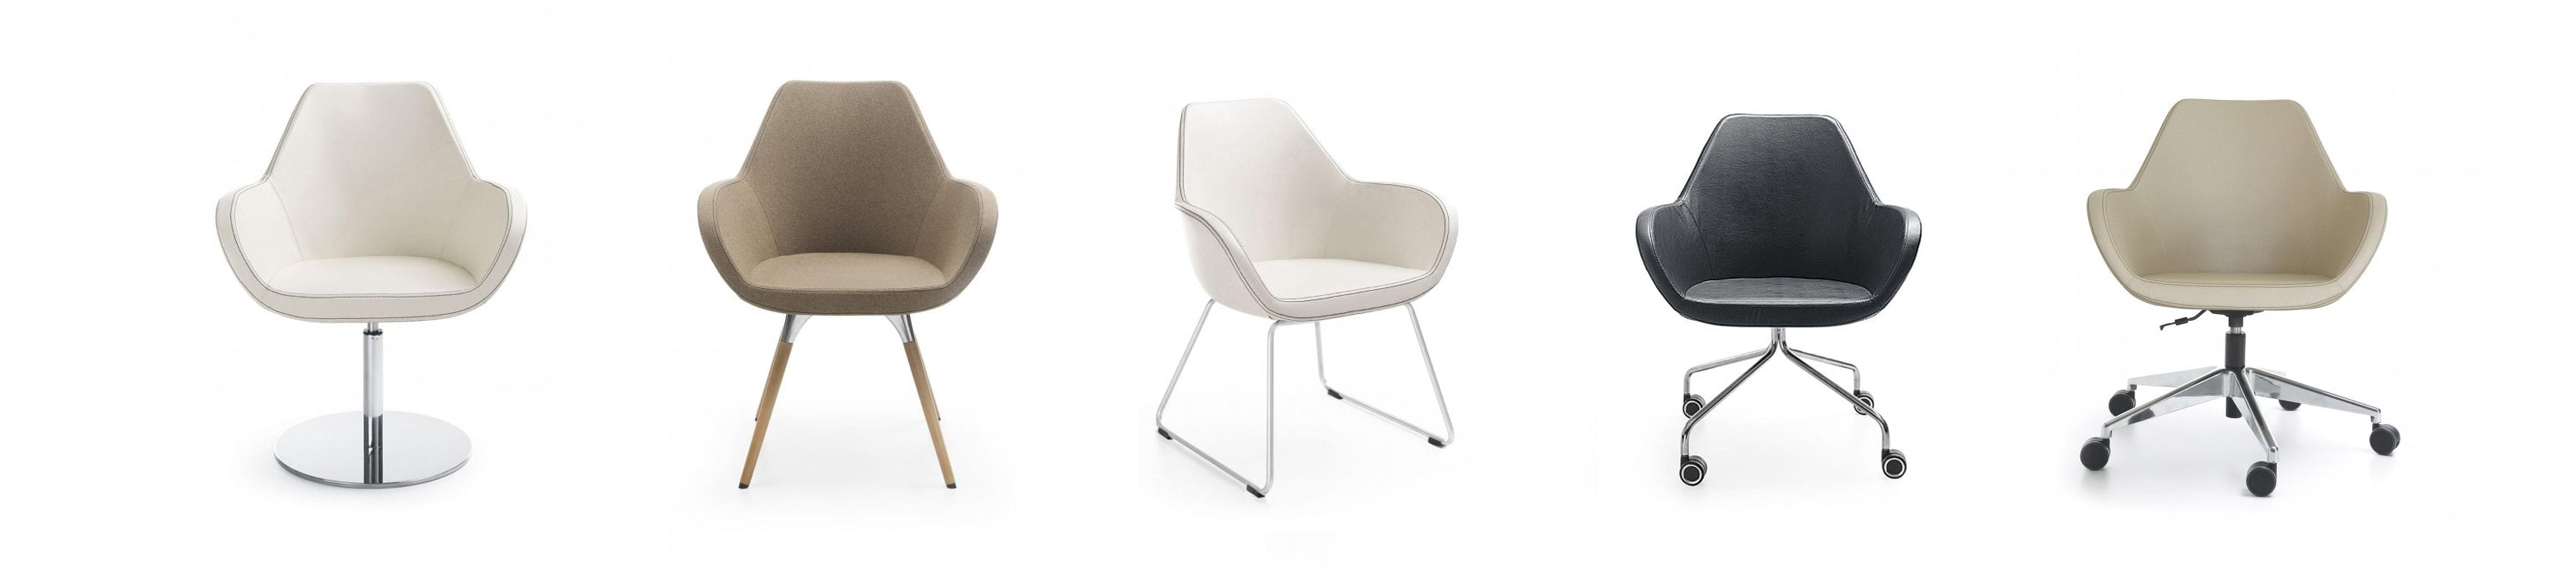 Ziv chairs